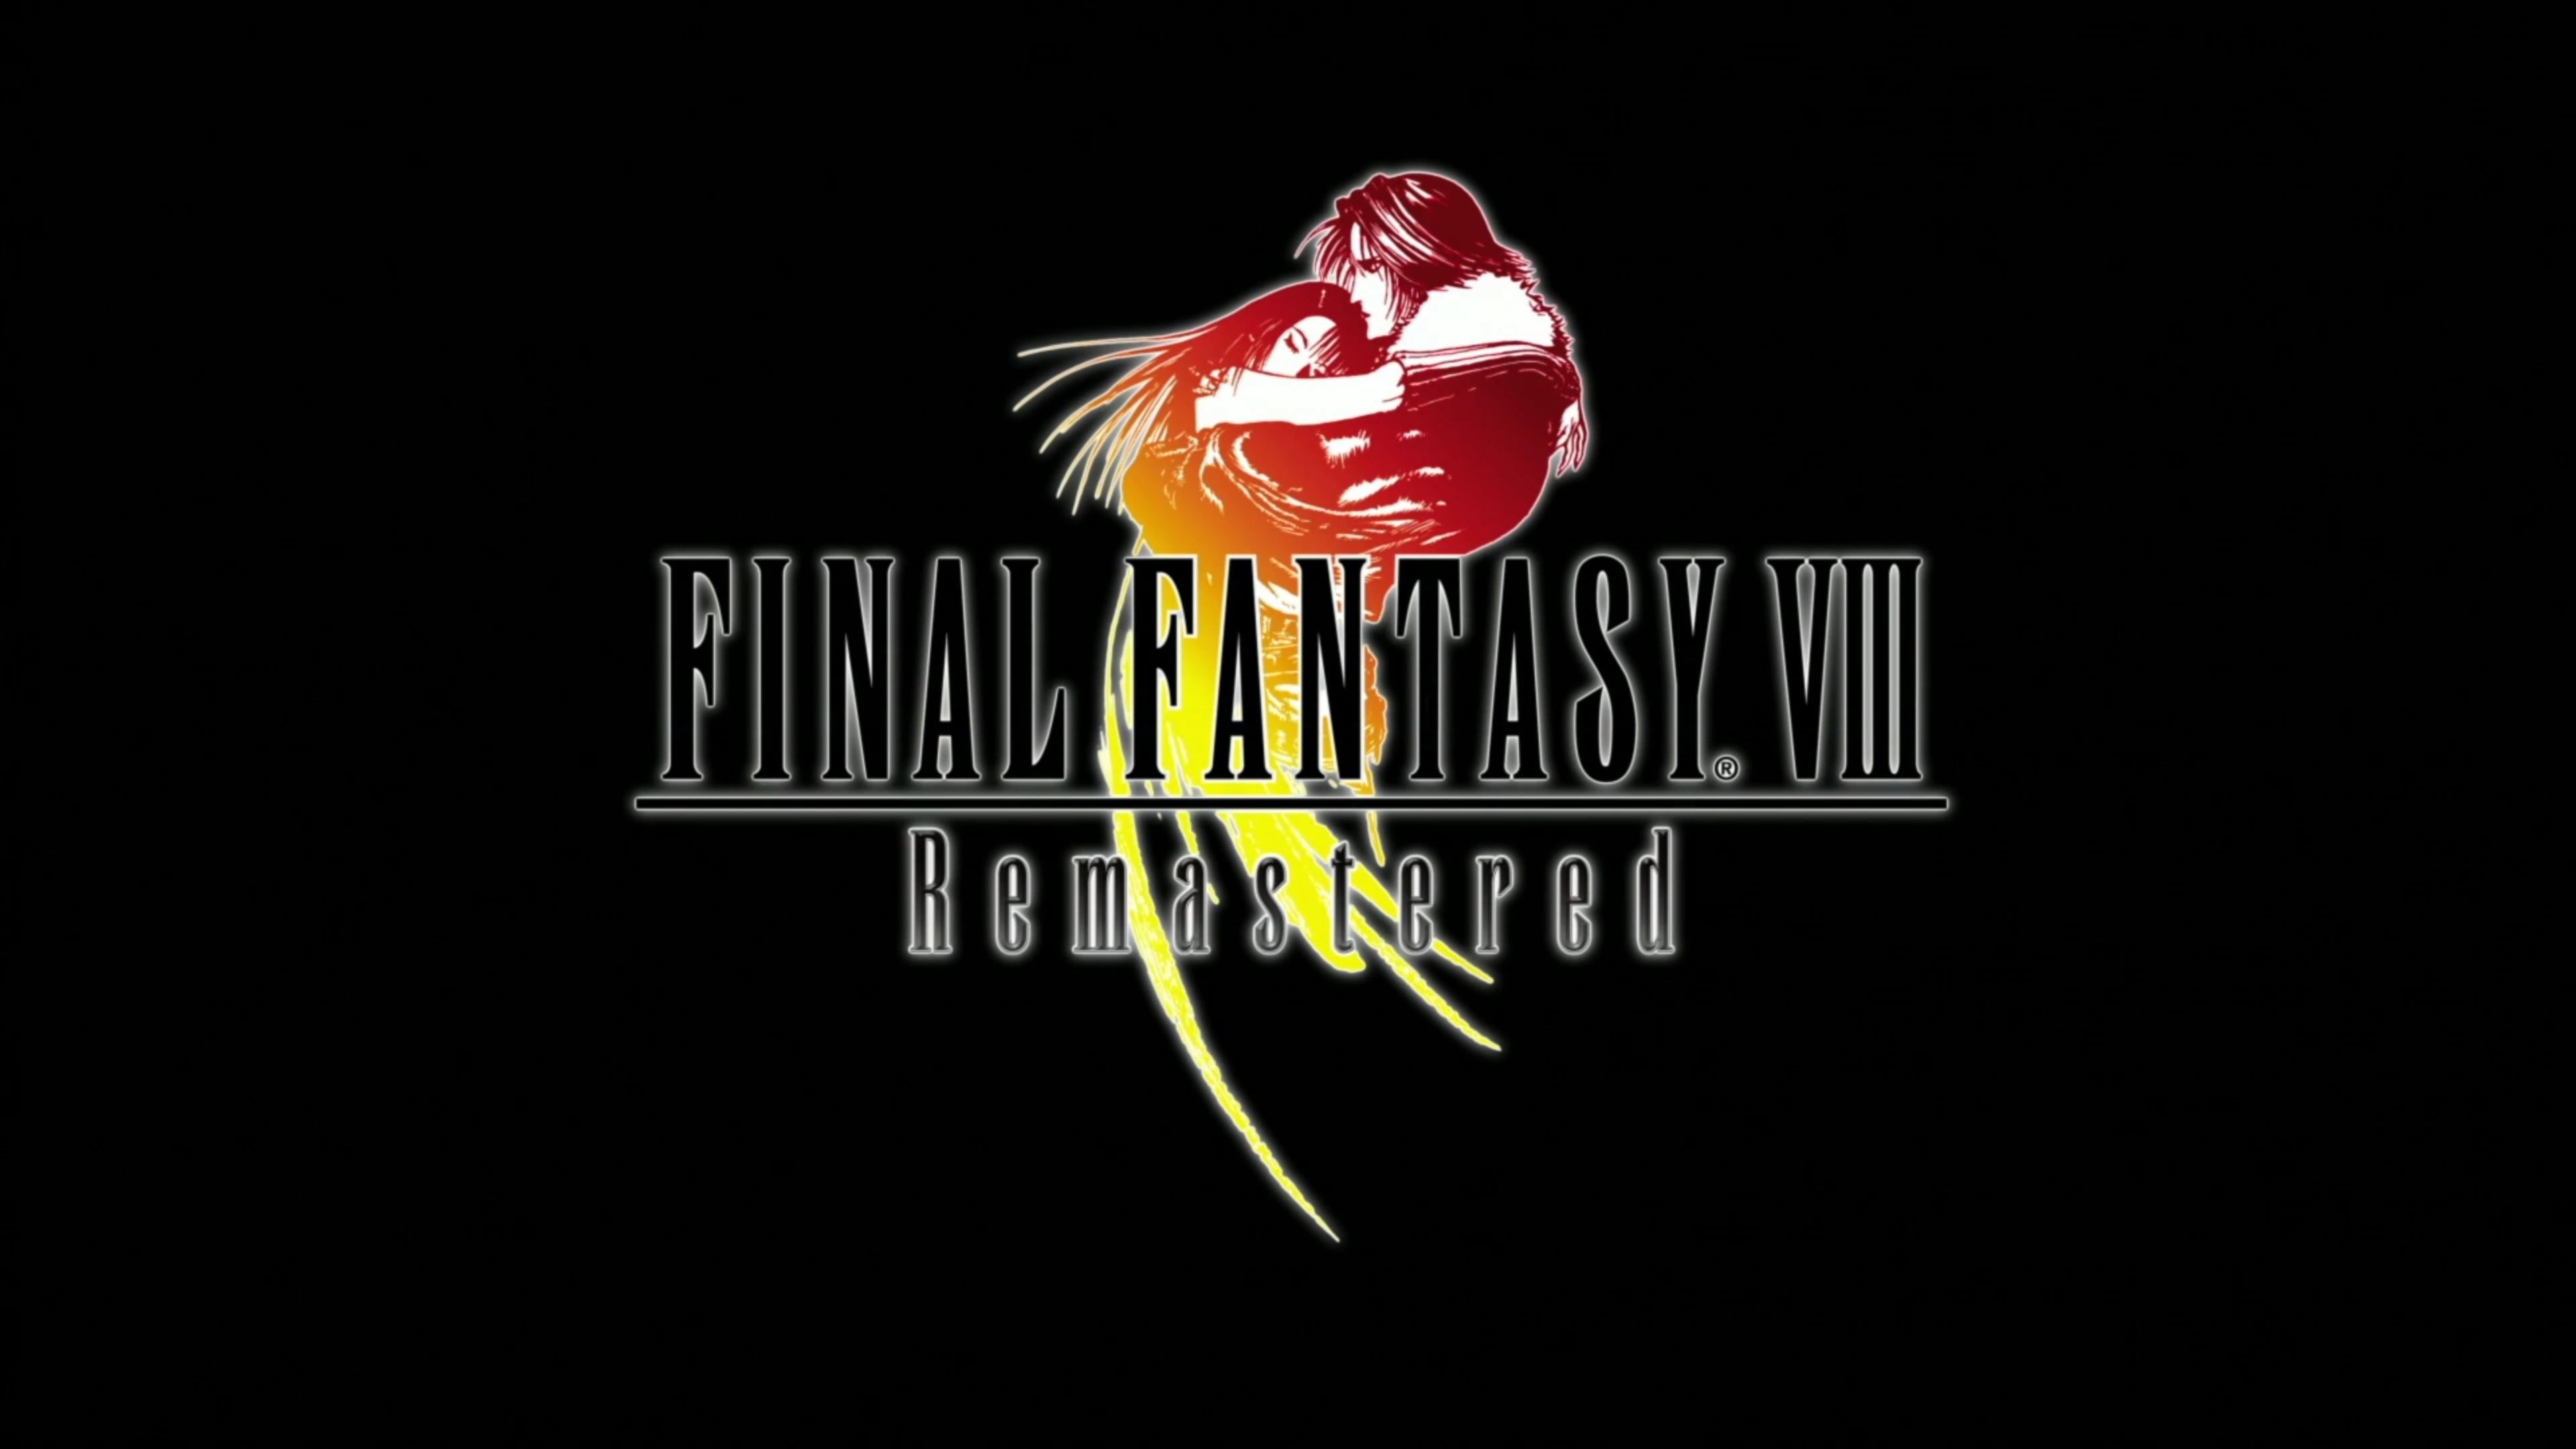 لیست تروفیهای بازی Final Fantasy VIII Remastered منتشر شد